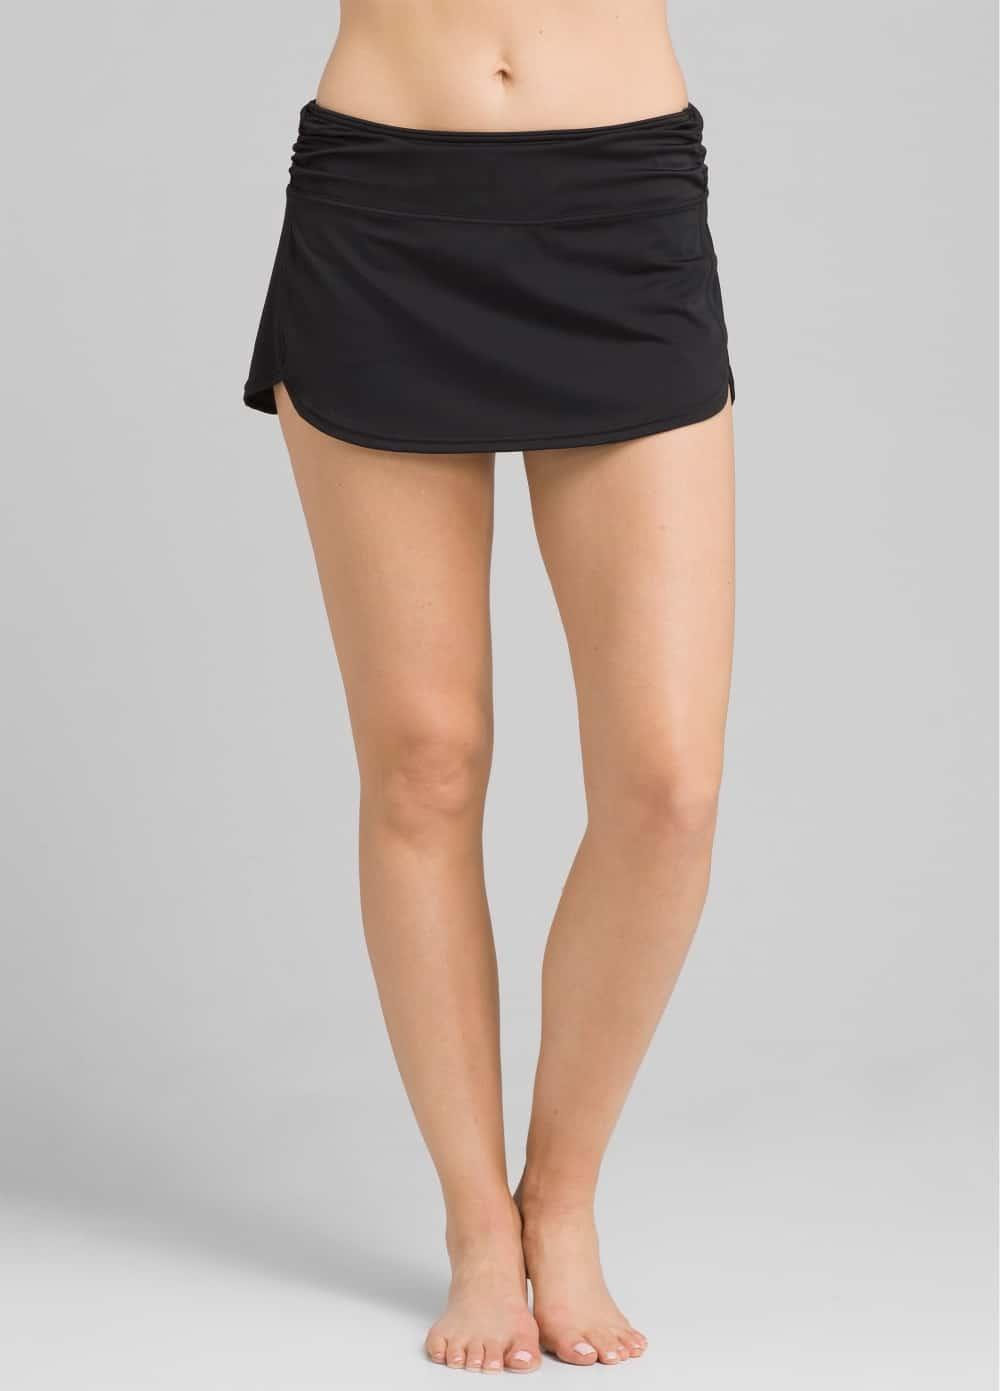 prAna-Lattie Swim Skirt - Women's